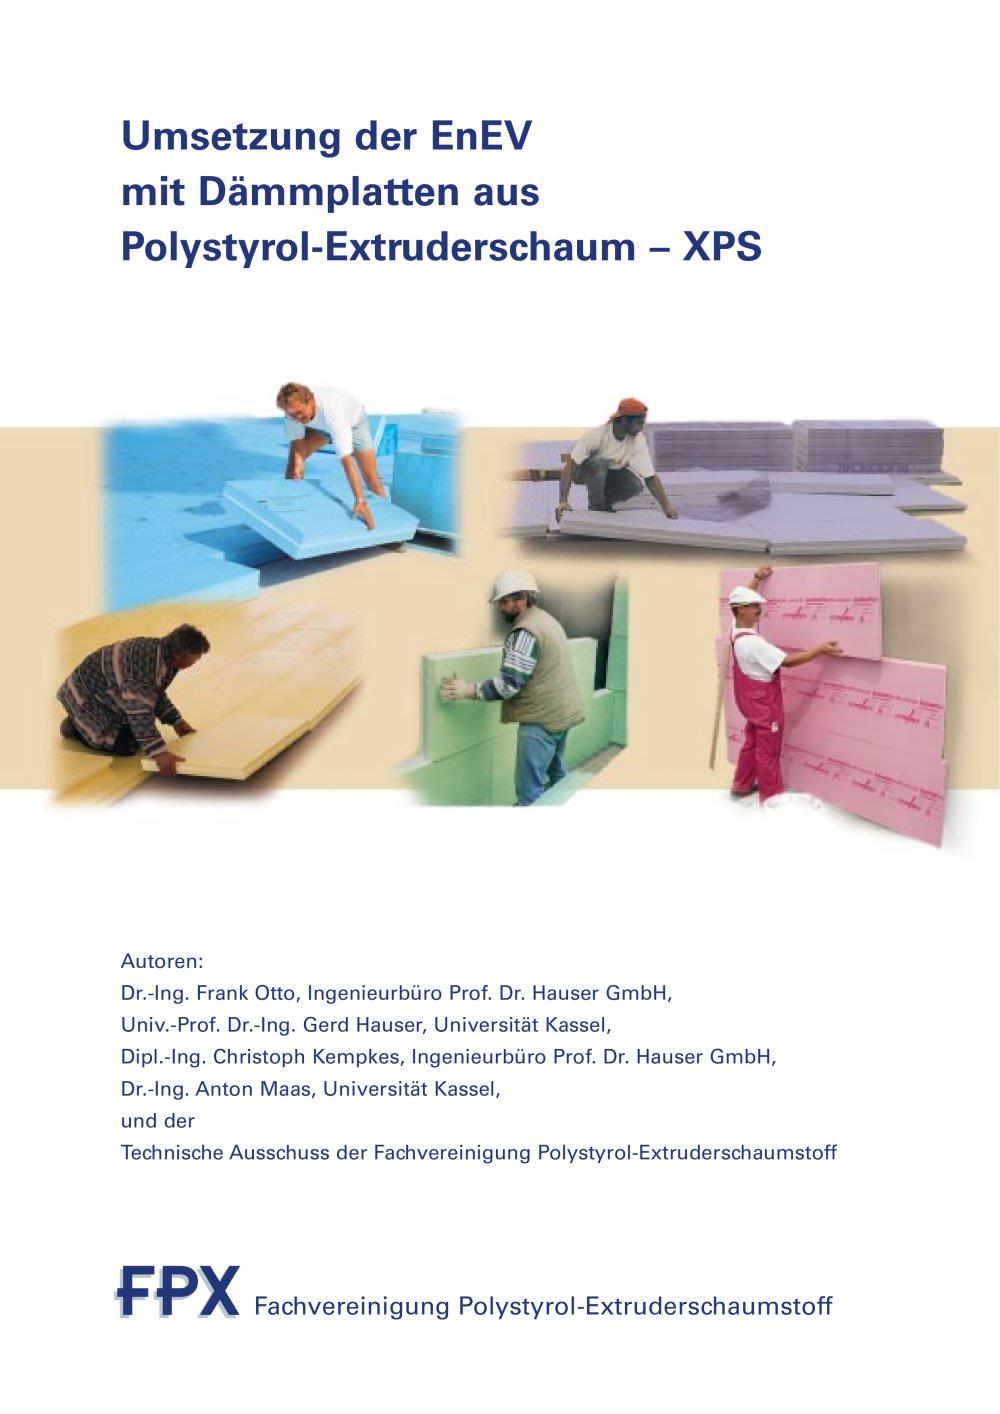 Umsetzung Der Enev Mit Dämmplatten Aus Polystyrol-Extruderschaum